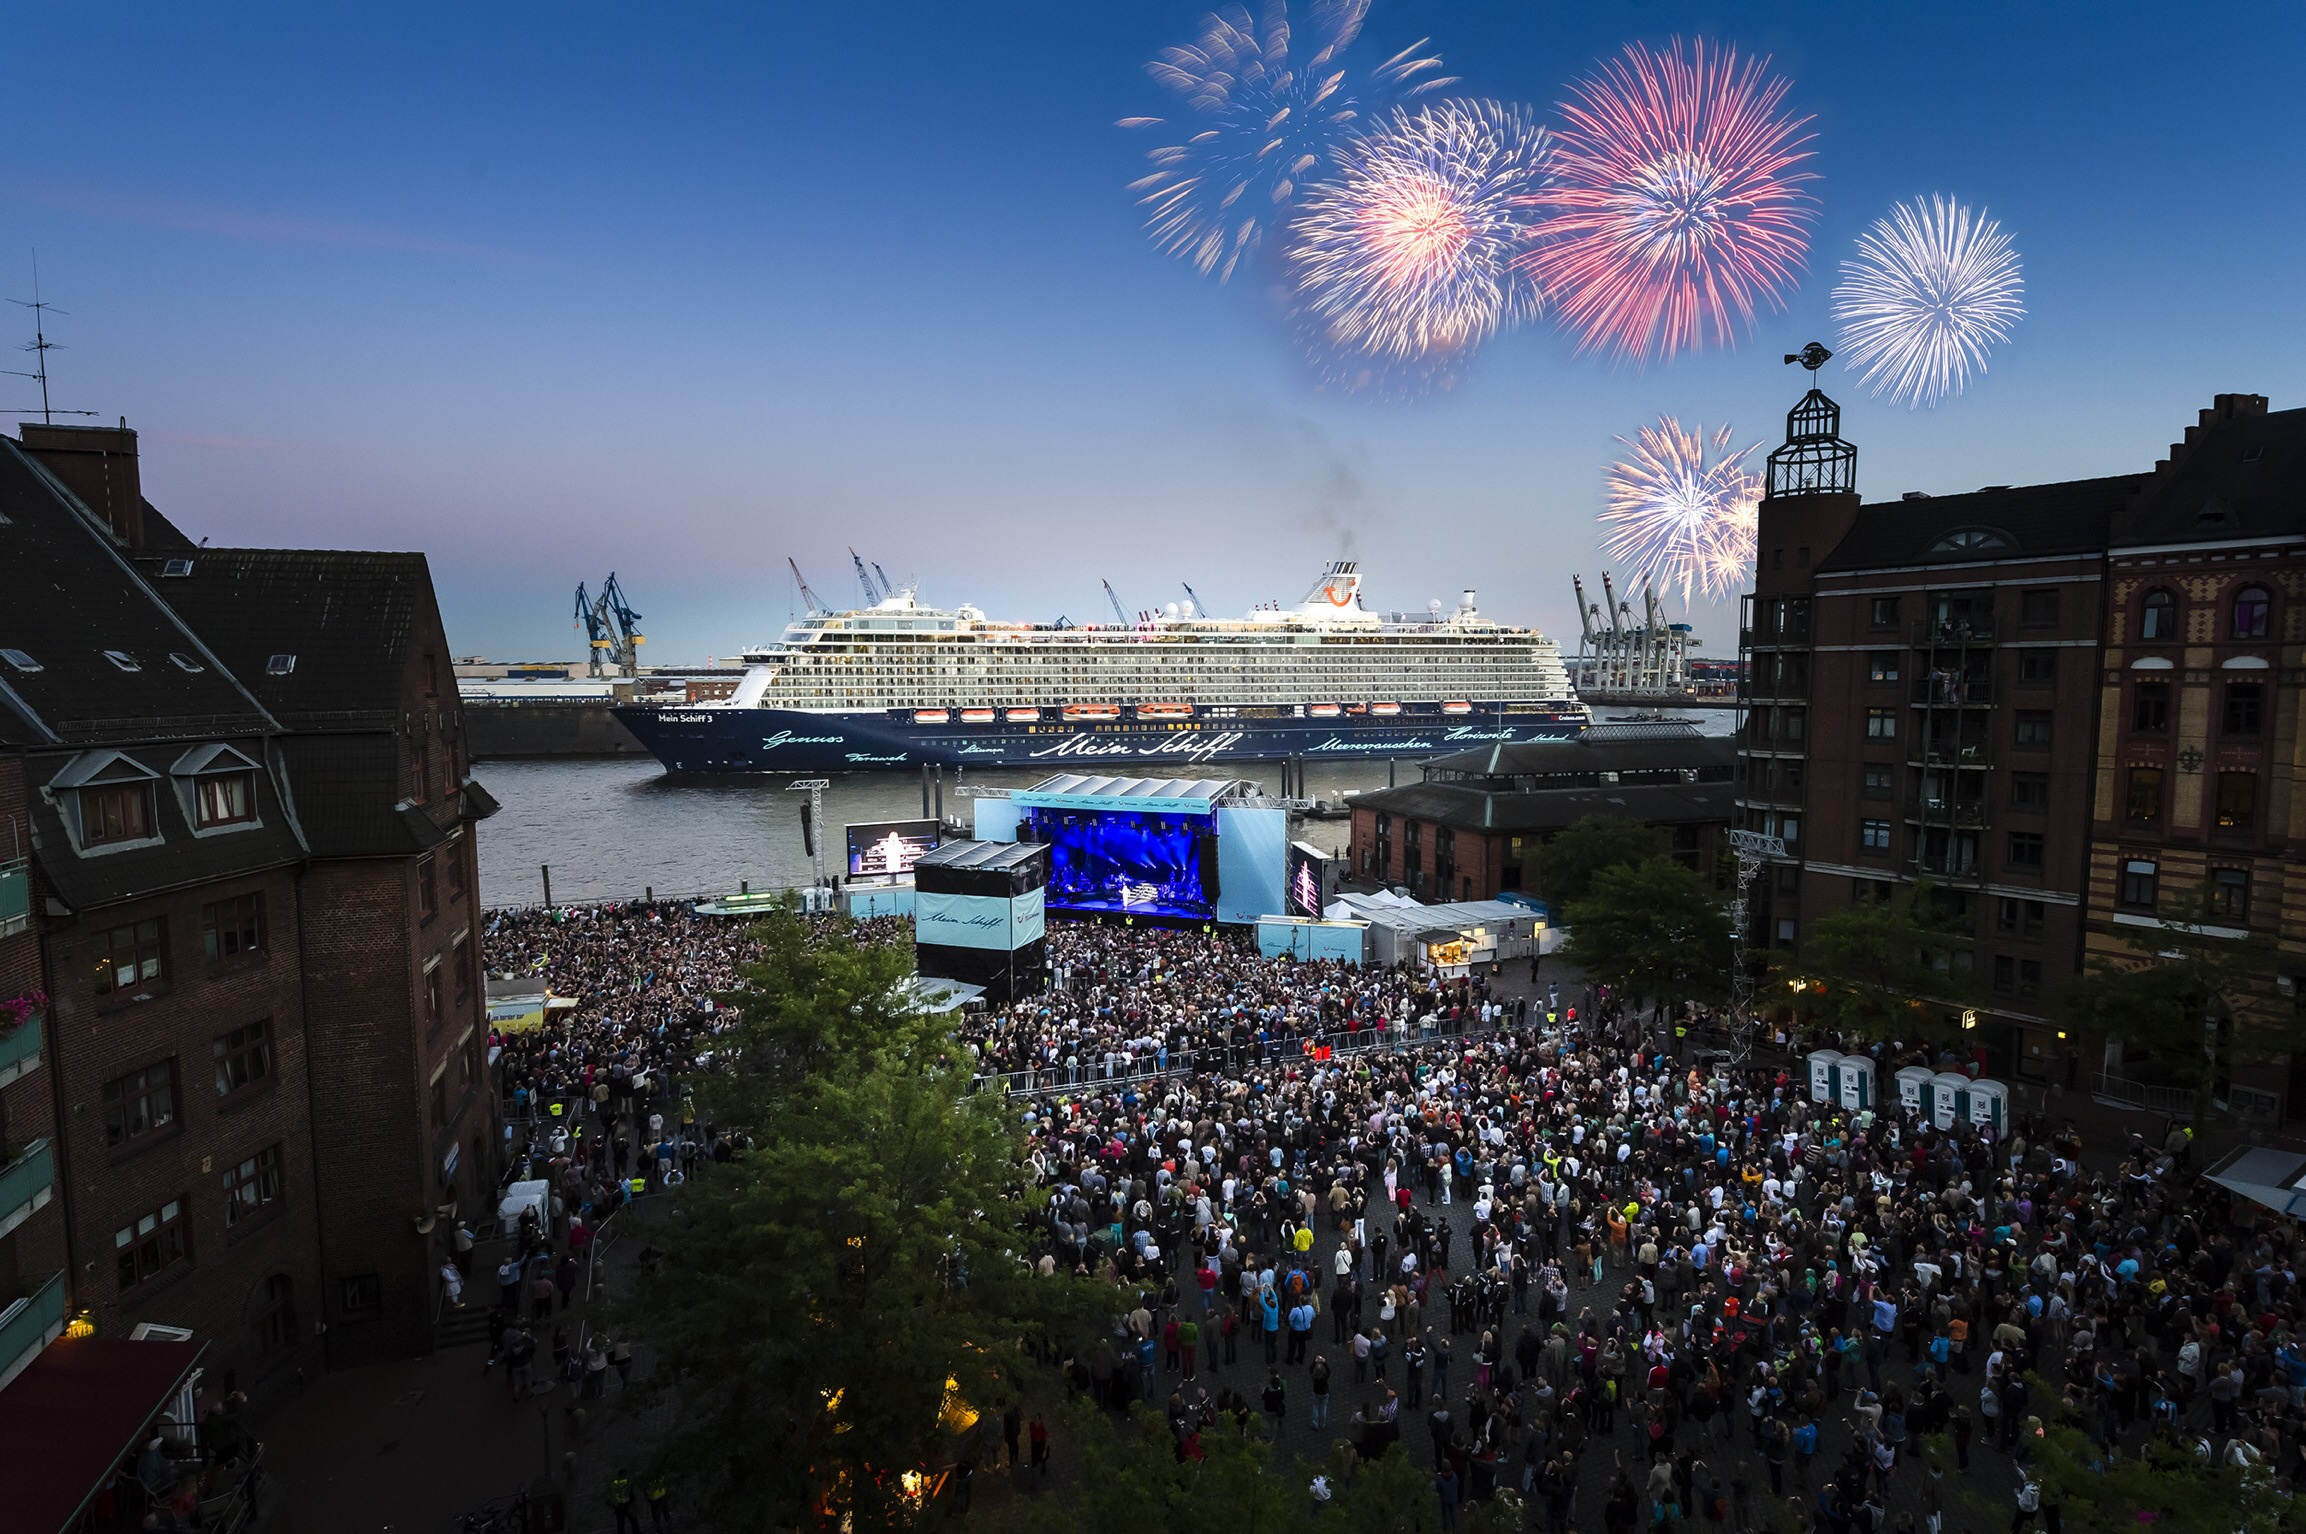 Premierenfahrt mit der Mein Schiff 3 kreuzfahrt europa  image2